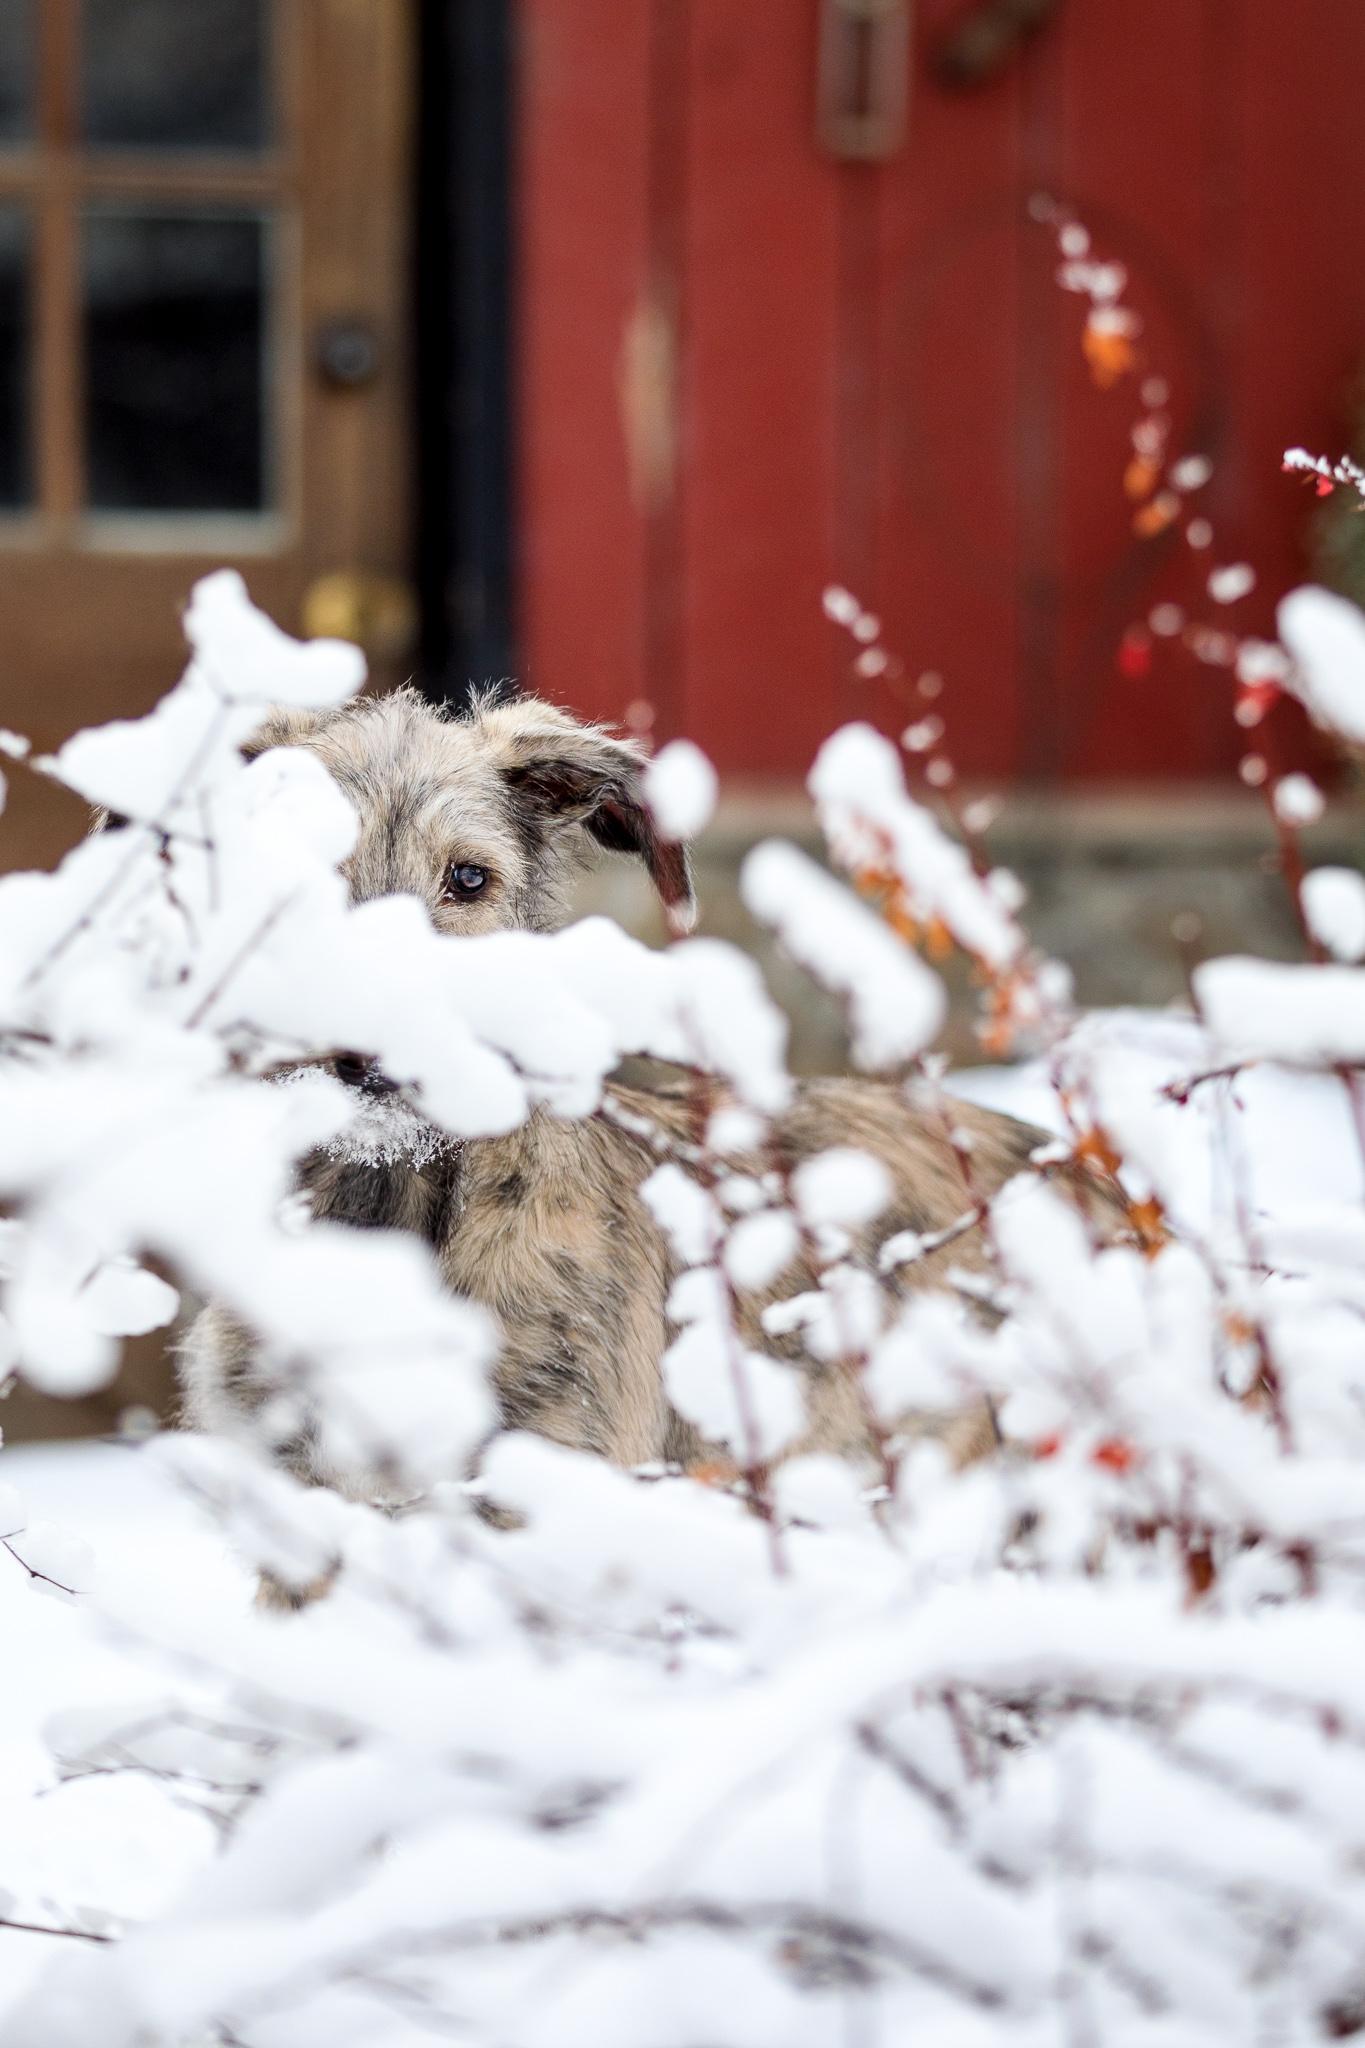 Dog hide and seek